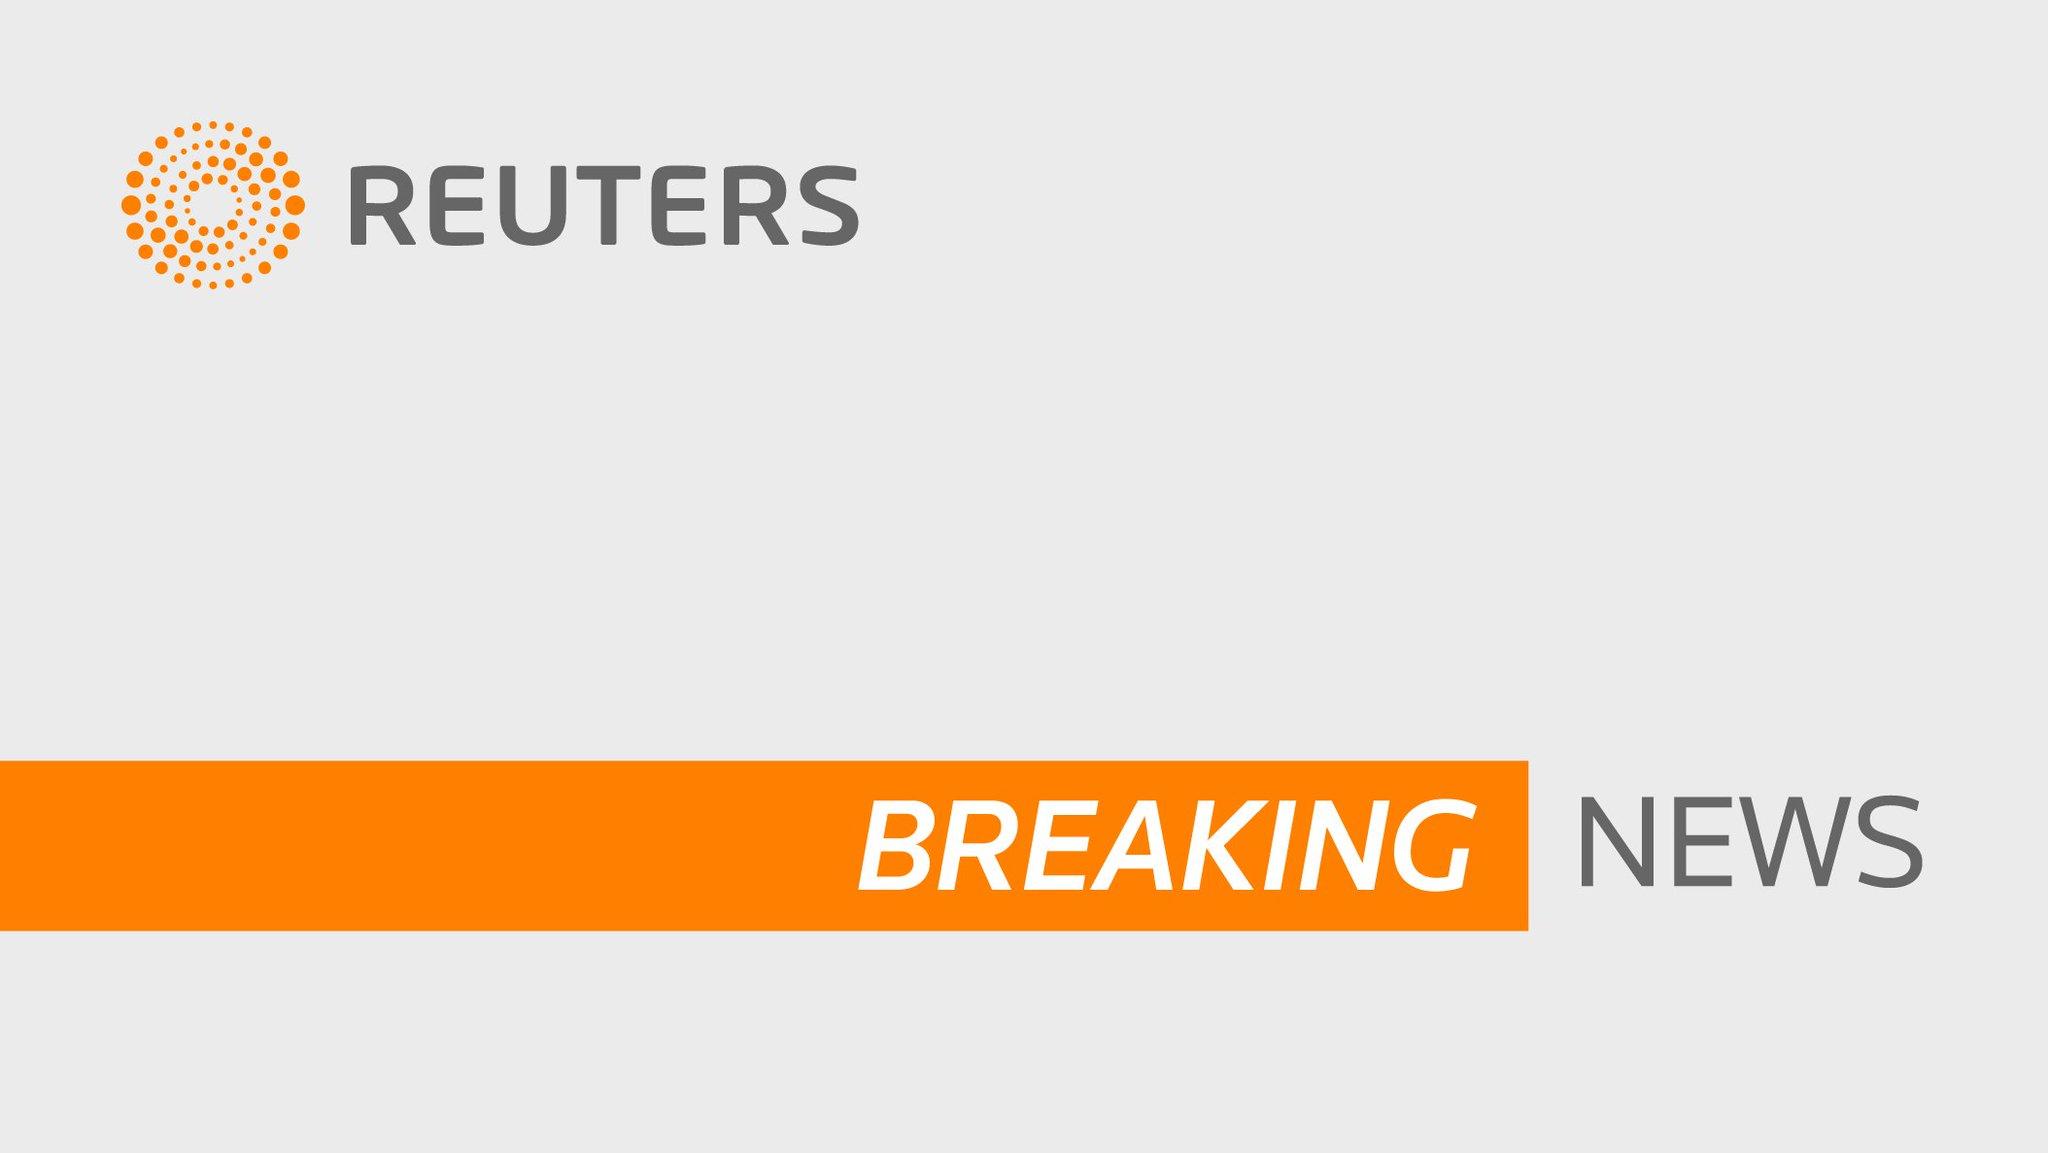 BREAKING: Nine dead, 16 injured in Toronto van incident - police https://t.co/V4h4A2cNpl